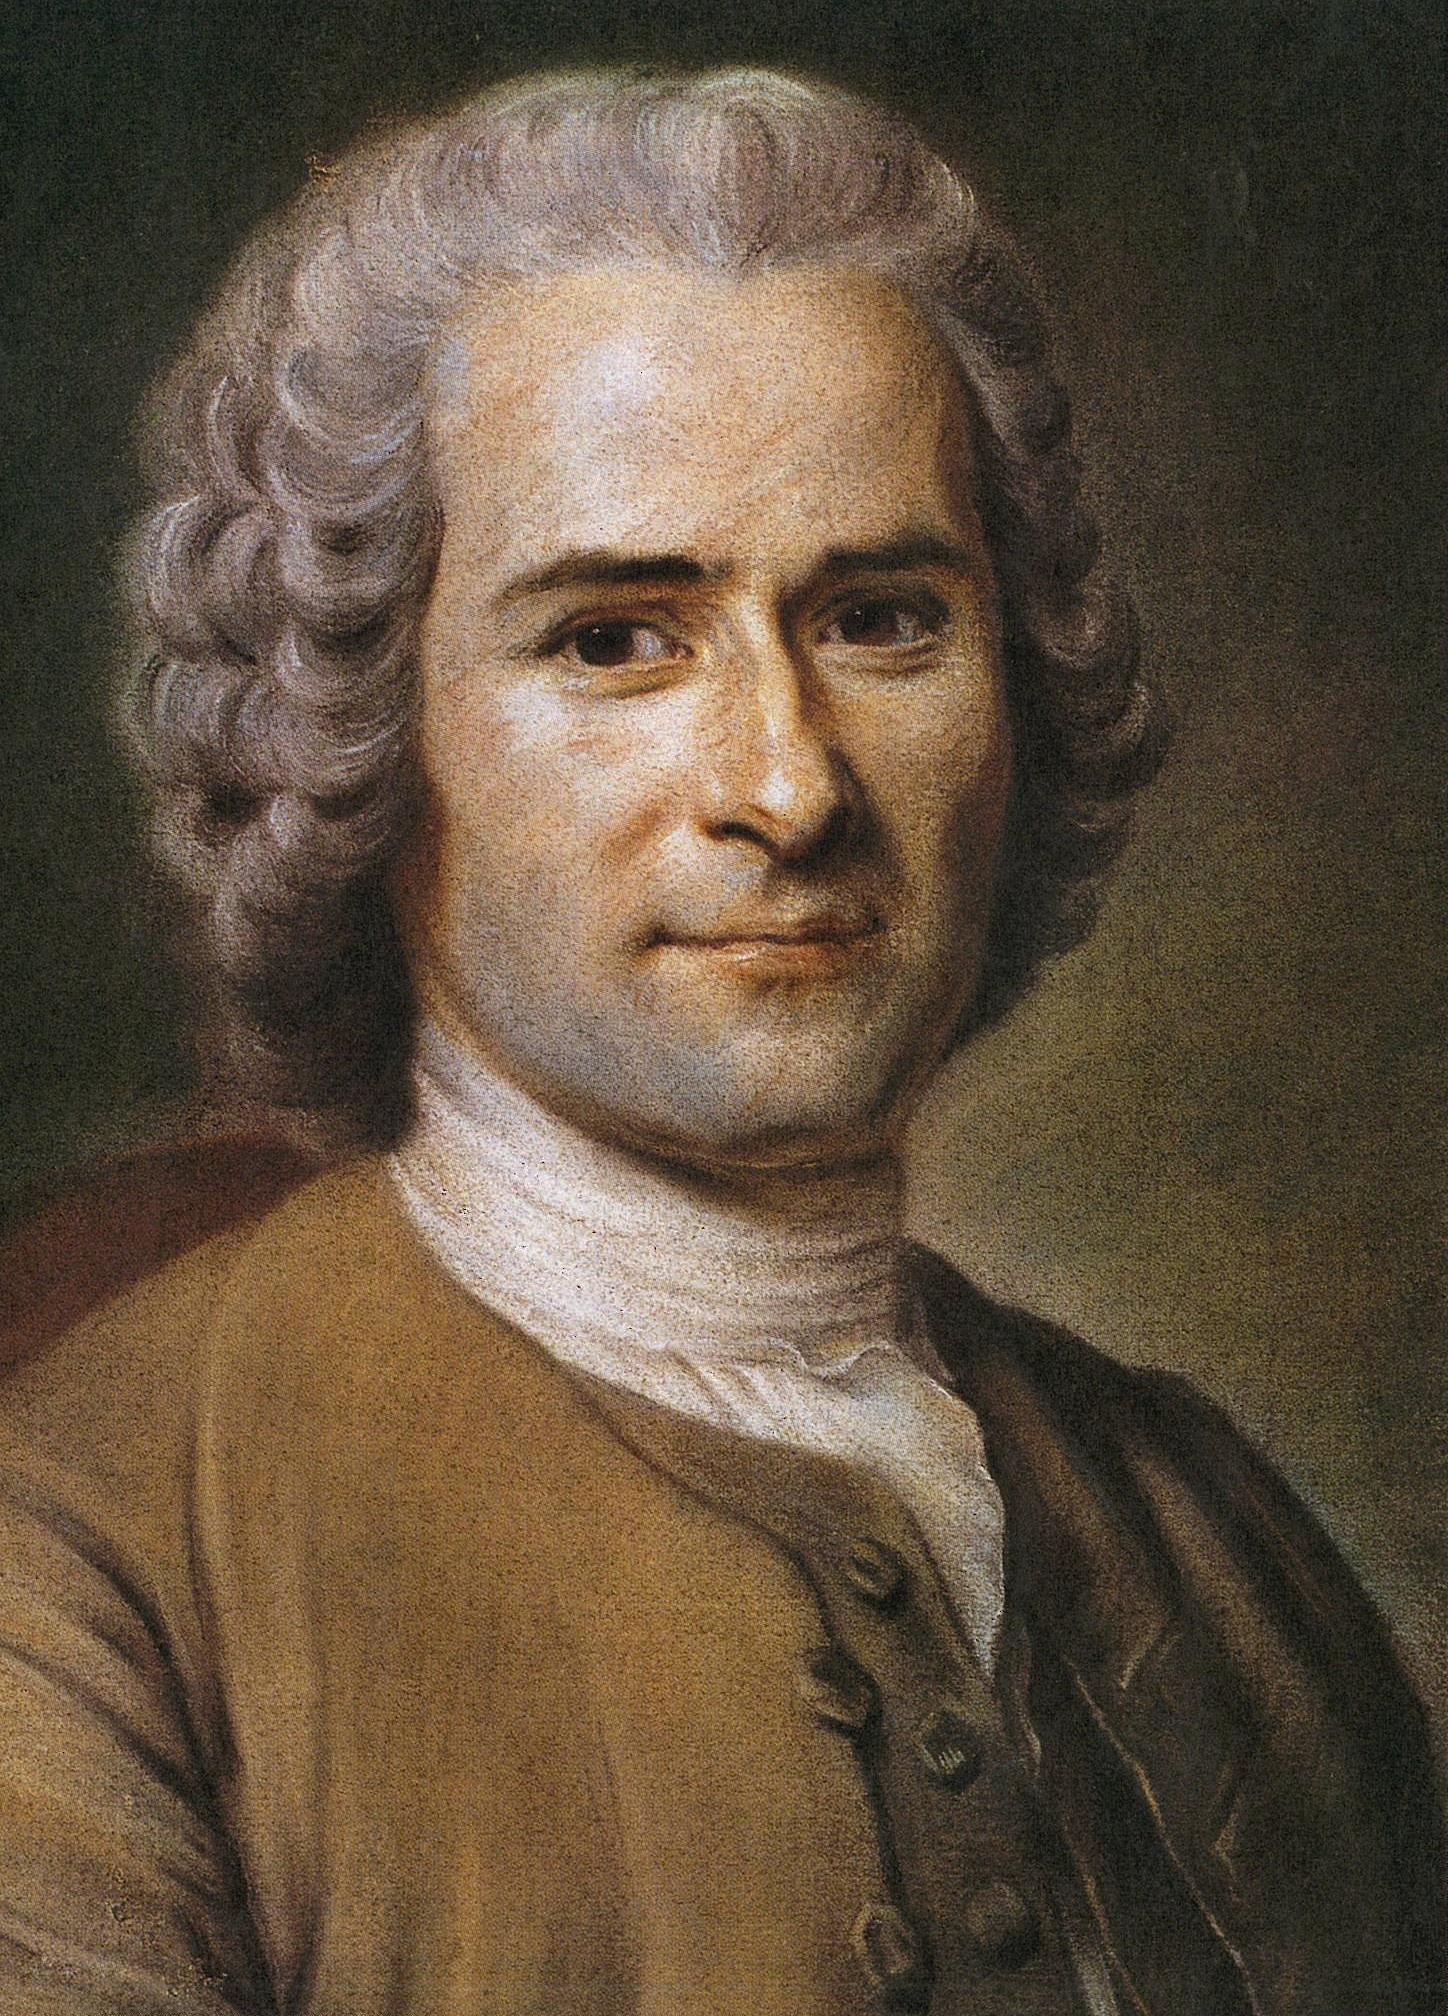 Znaj swojego wroga – Jakub Rousseau (Tolerancja)